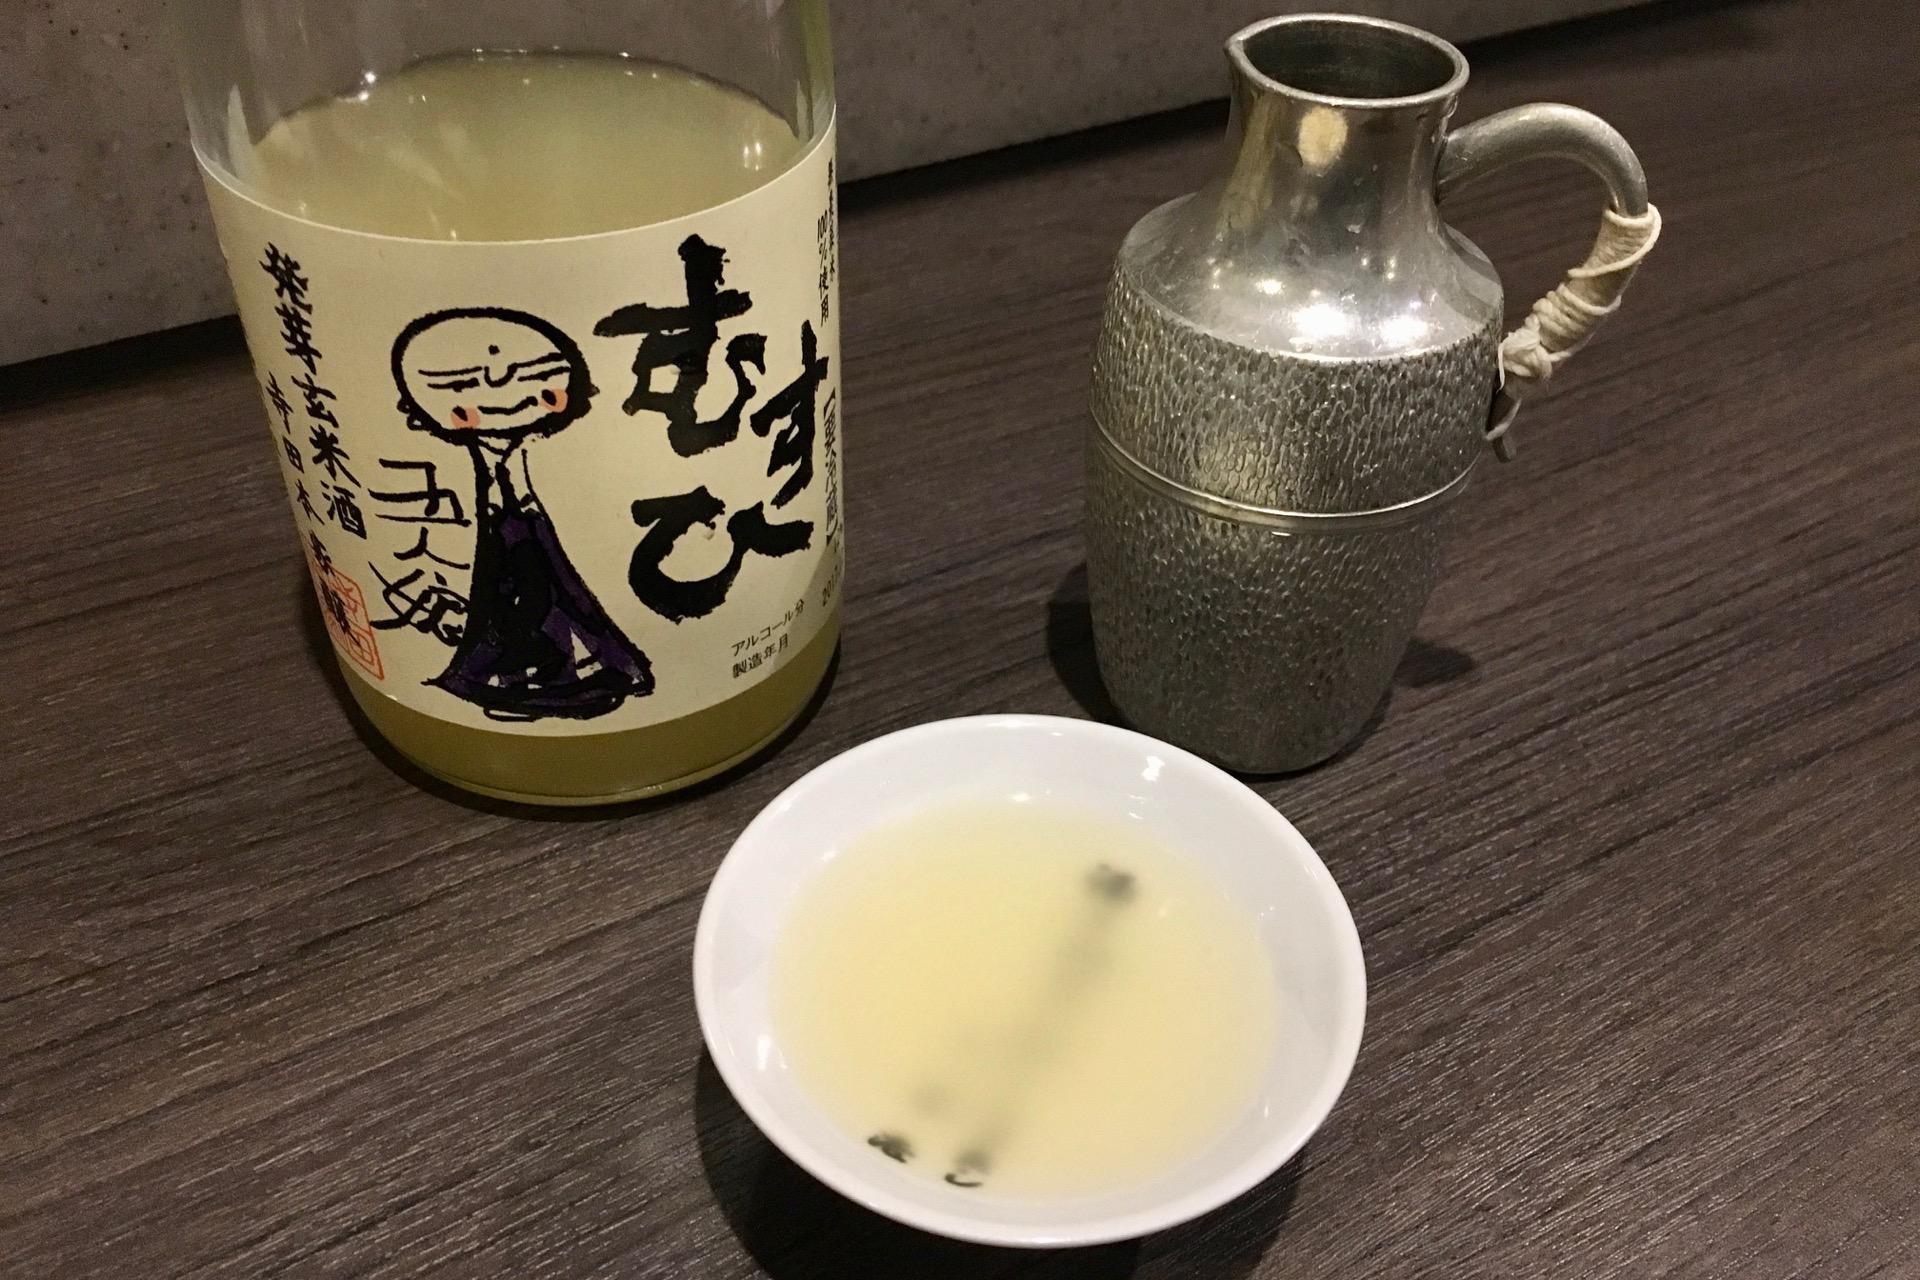 発芽玄米酒 五人娘 むすひ|日本酒テイスティングノート